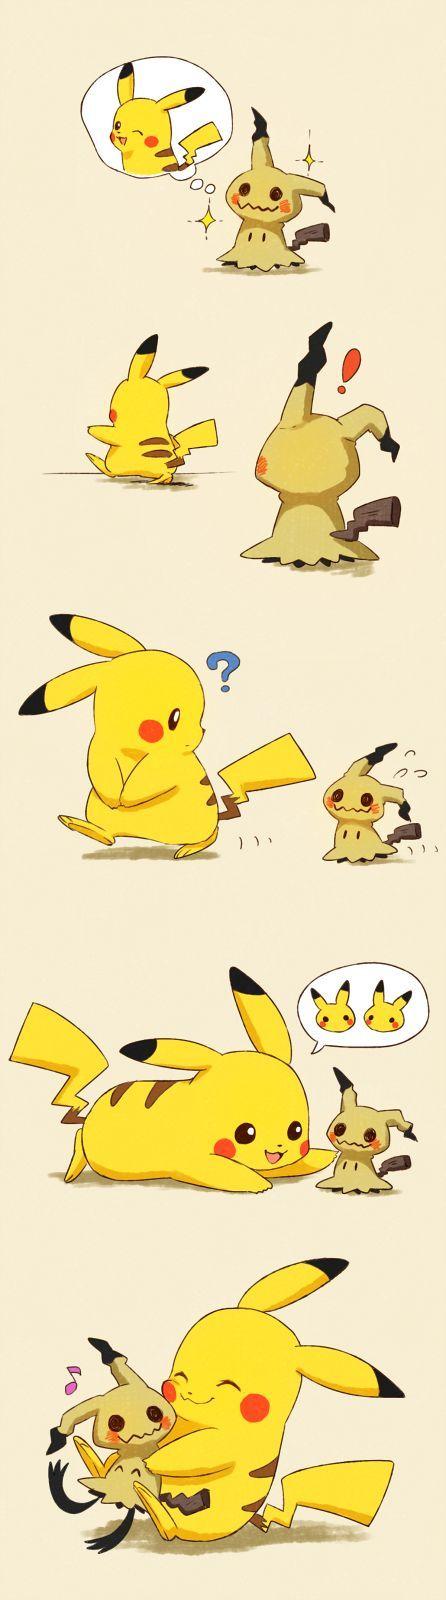 Pikachu and Mimikyu Покемоны, Пикачу, Mimikyu, Длиннопост, Комиксы